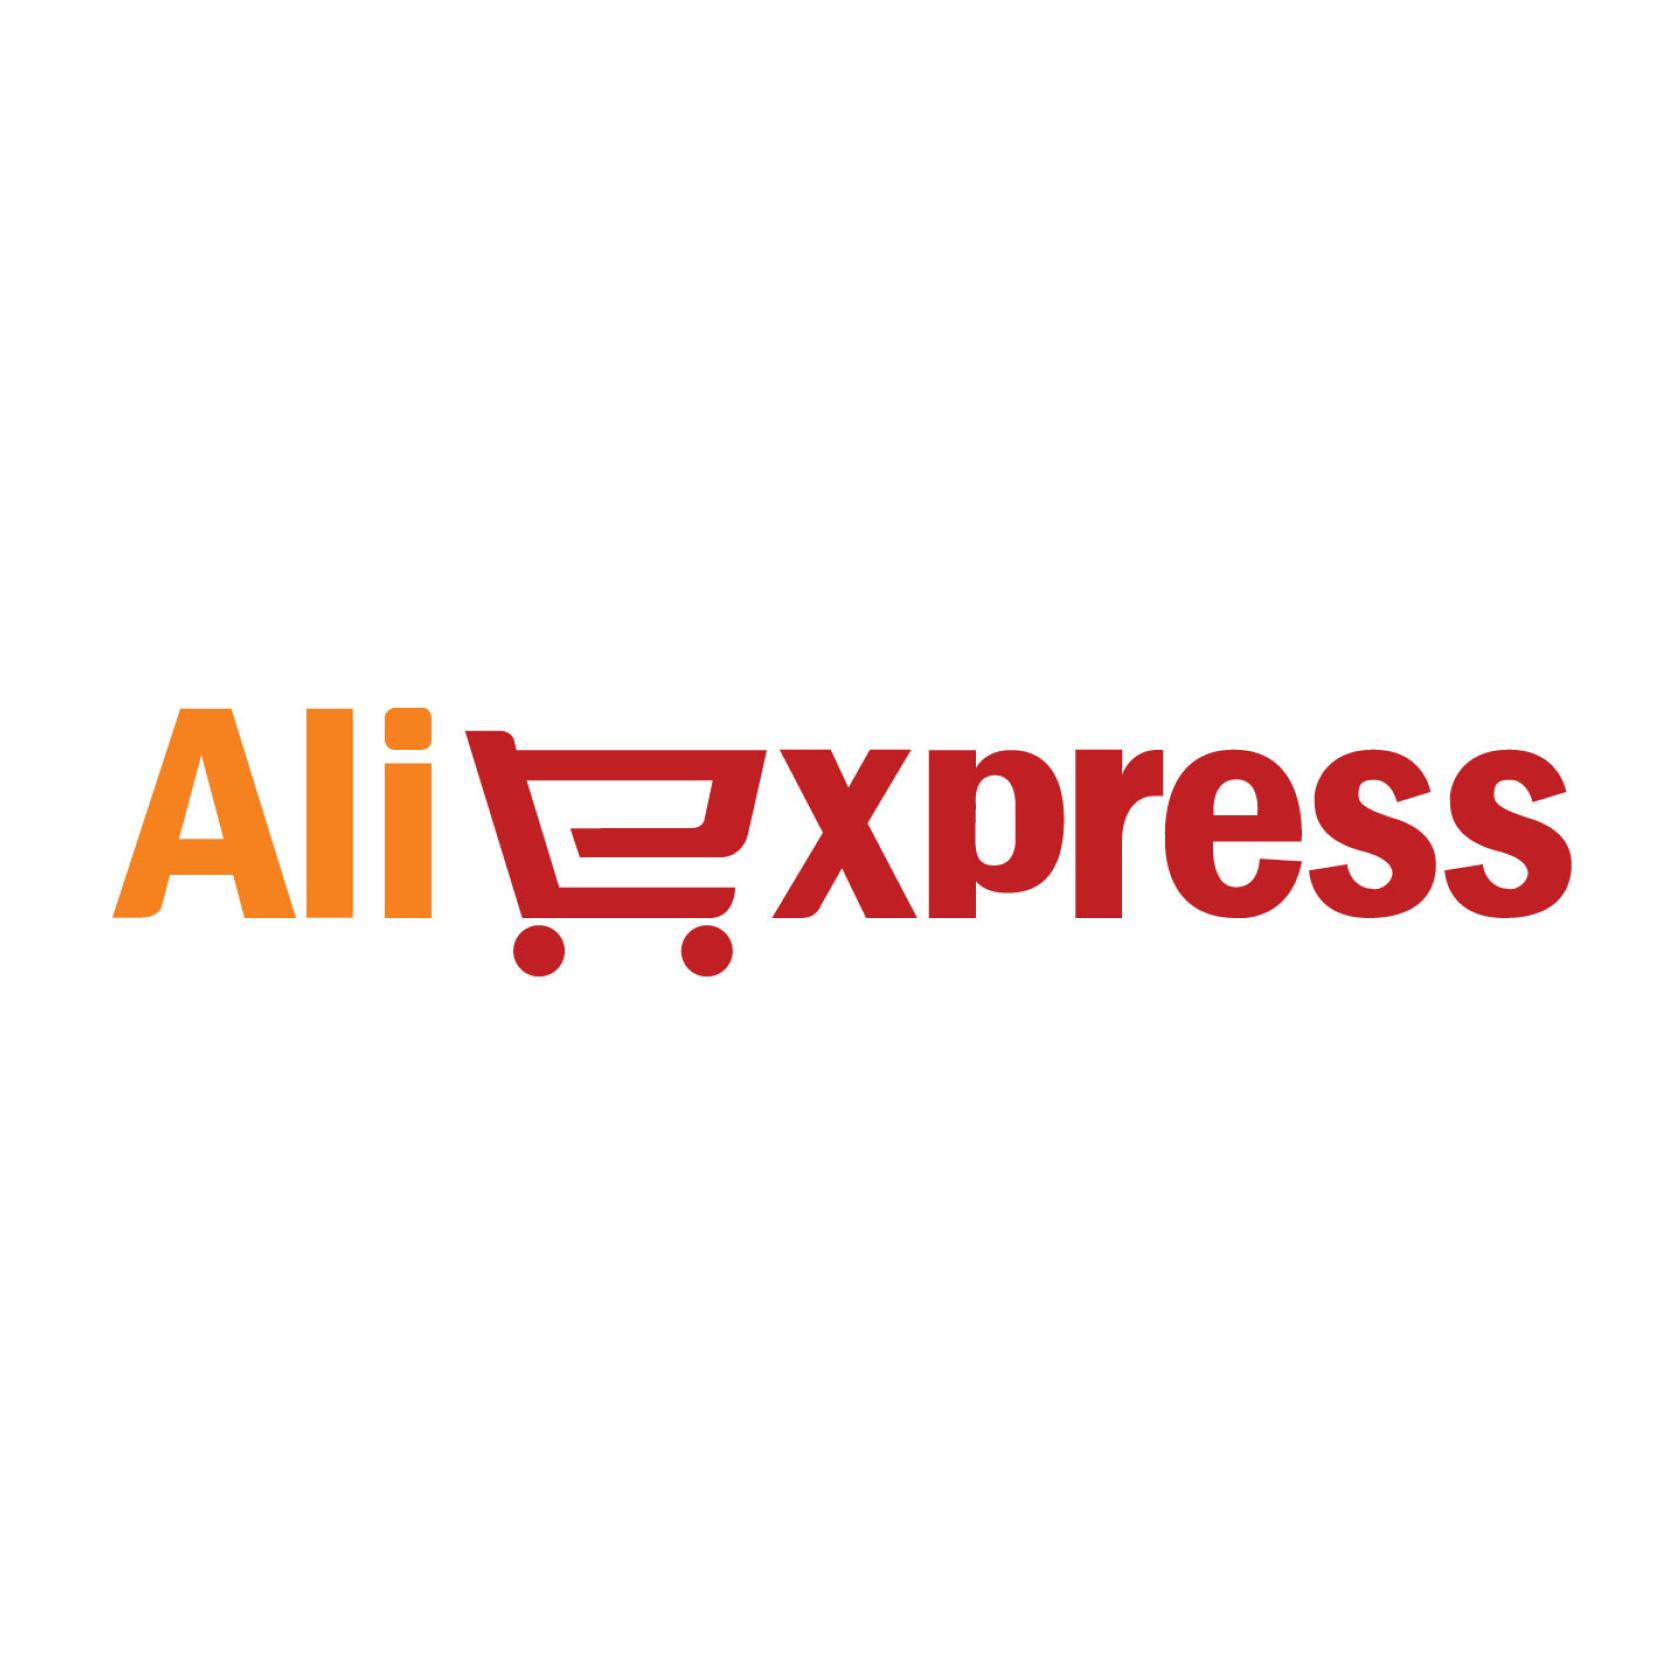 отзывы о товарах с алиэкспресс